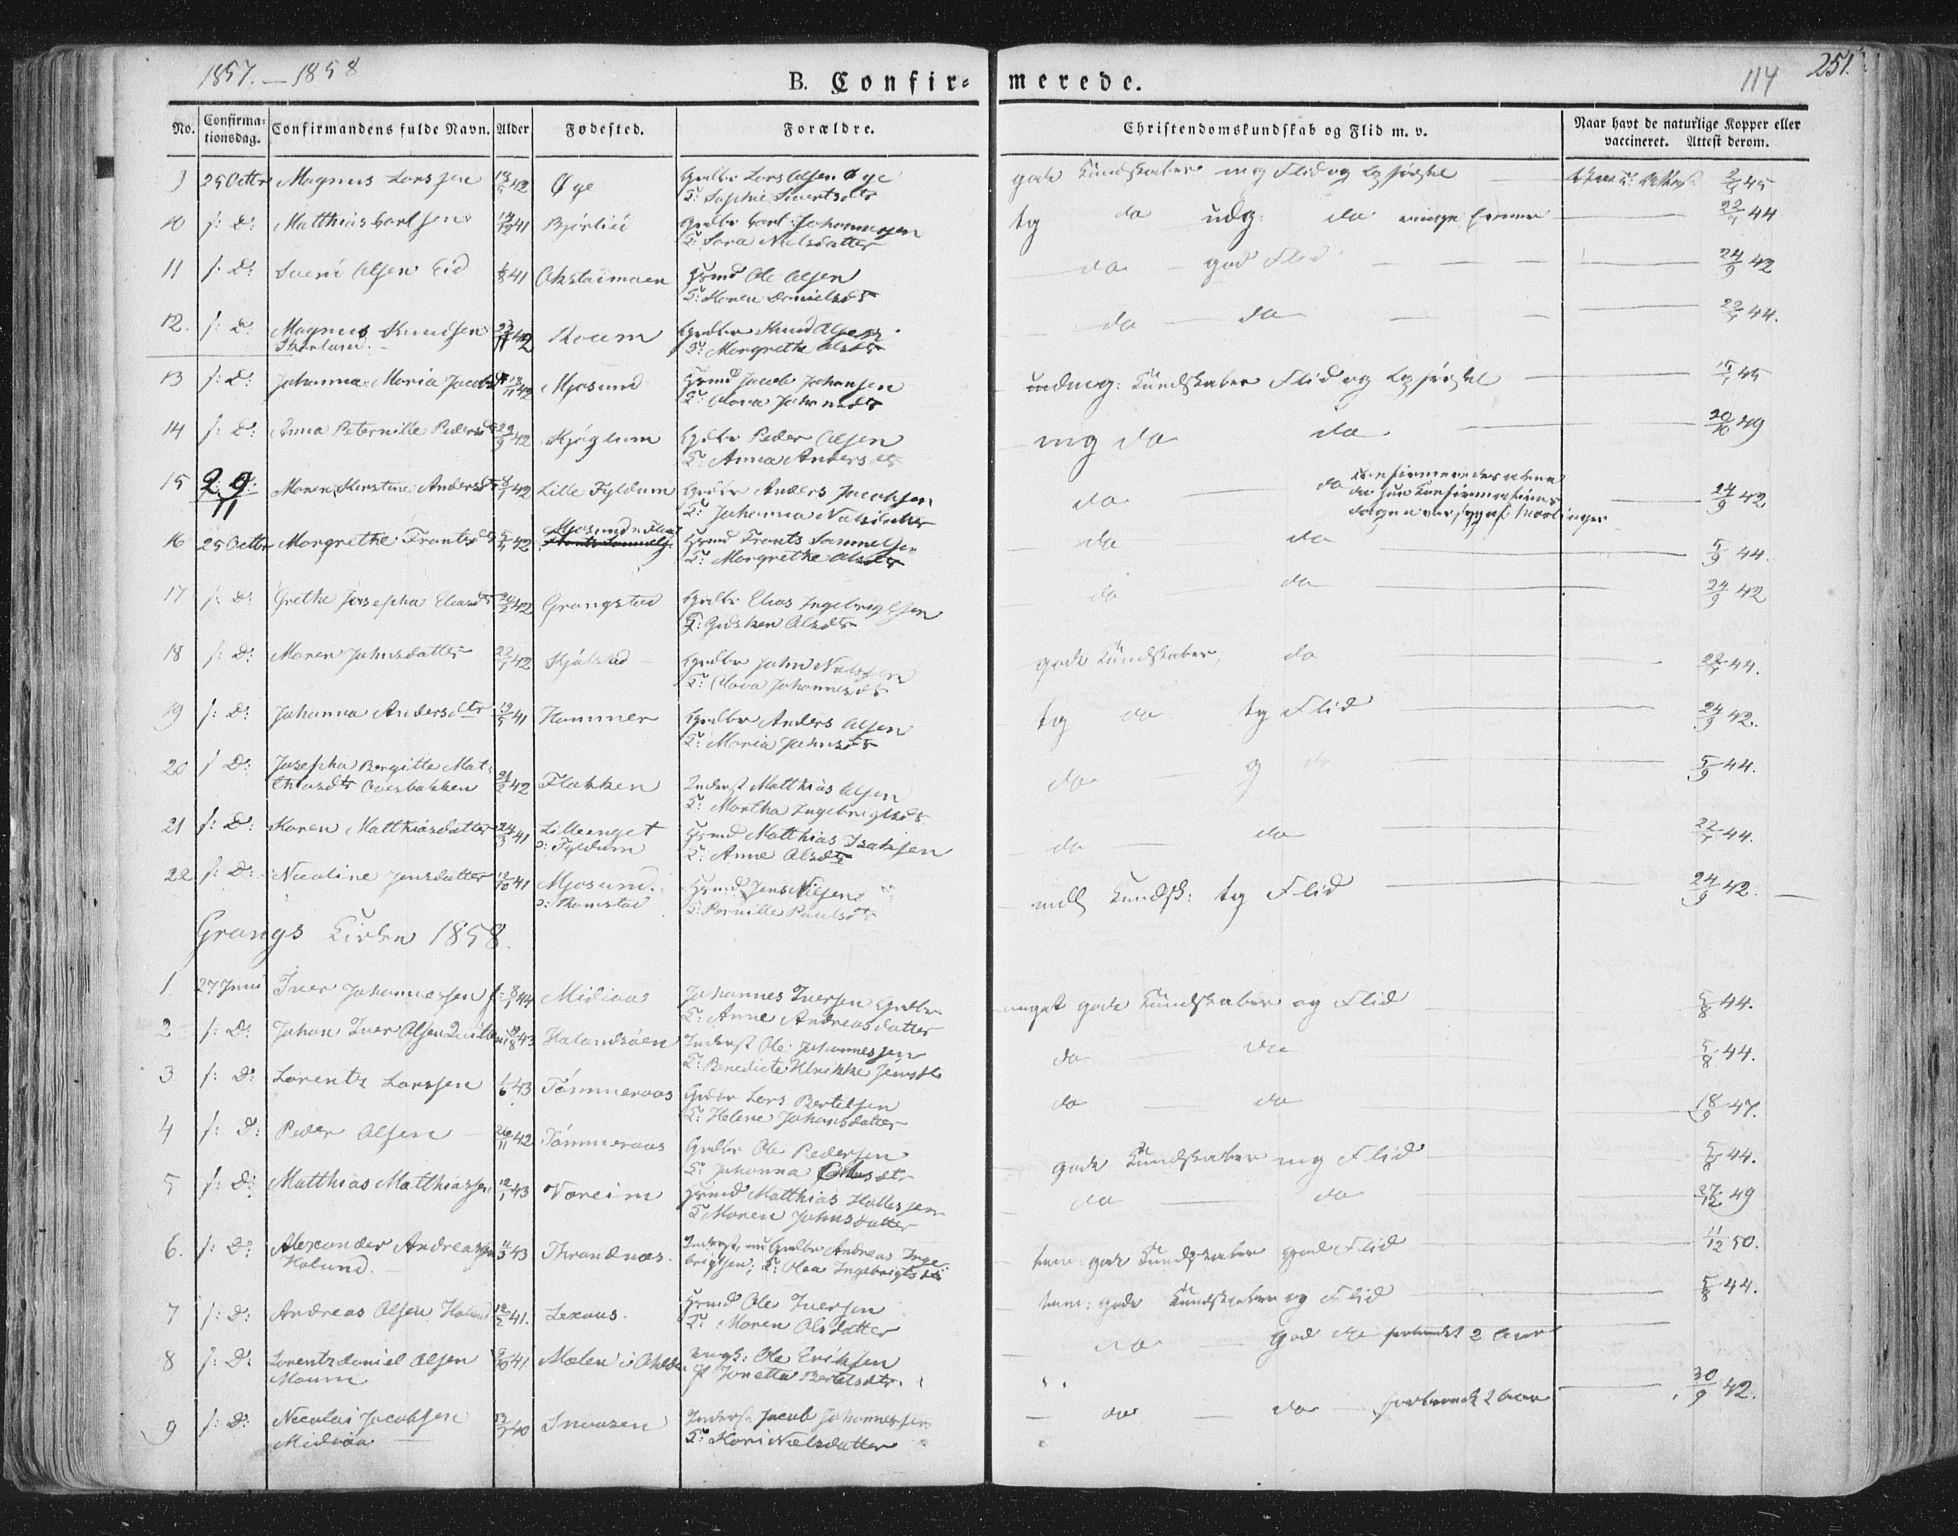 SAT, Ministerialprotokoller, klokkerbøker og fødselsregistre - Nord-Trøndelag, 758/L0513: Ministerialbok nr. 758A02 /1, 1839-1868, s. 114